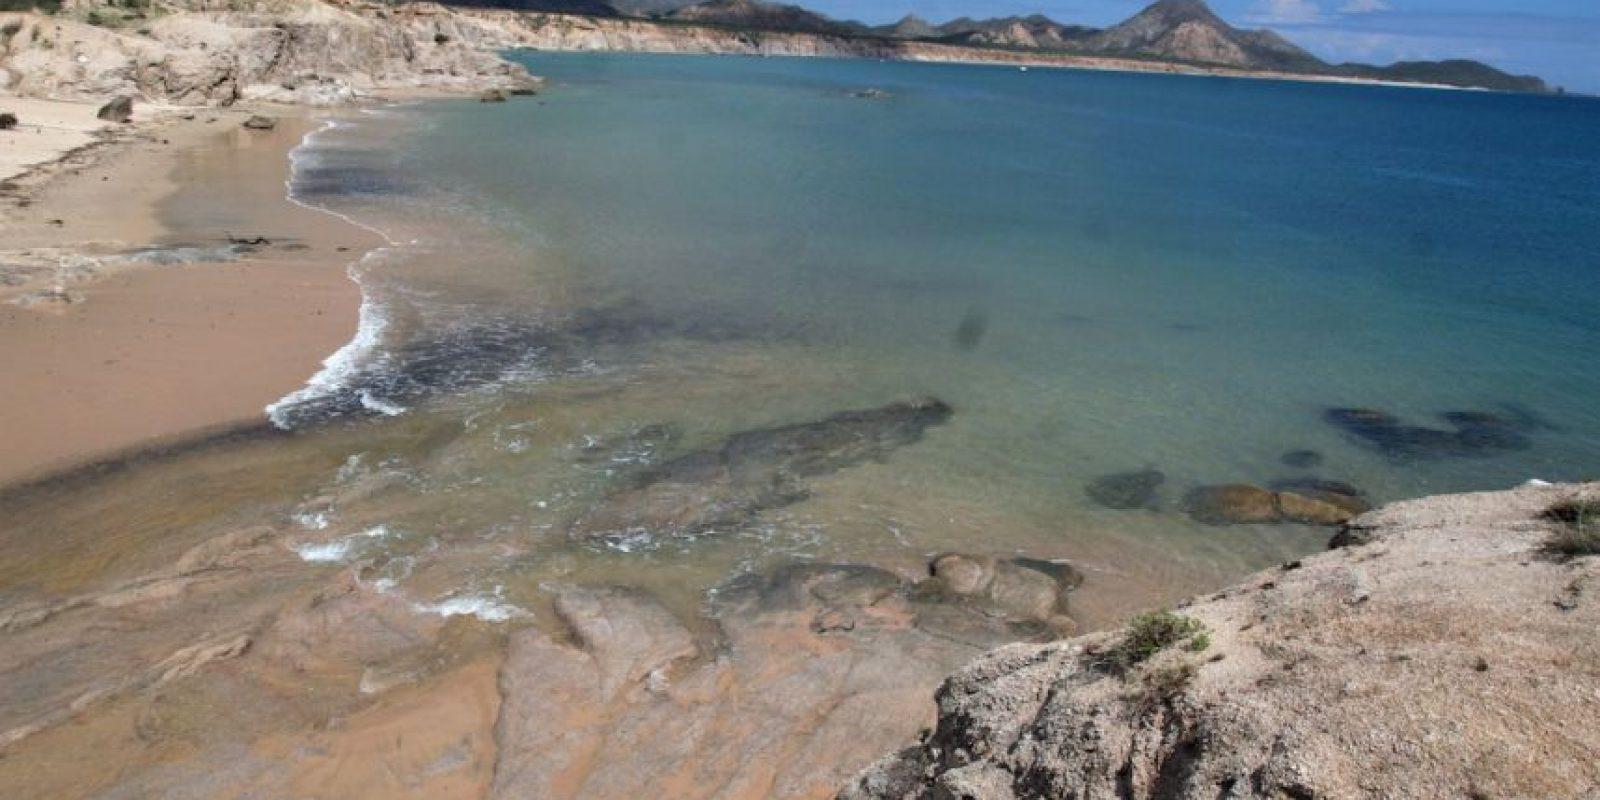 Ubicado en Baja California Sur a tan sólo dos horas de la capital del estado, La Paz, se encuentra Cabo Pulmo, un poblado cuyos habitantes se han encargado de mantener totalmente protegido de la pesca y otros impactos ambientales un arrecife, que lo que ha convertido a la zona en un ejemplo de conservación ambiental a nivel mundial.  Foto:Gustavo Graf